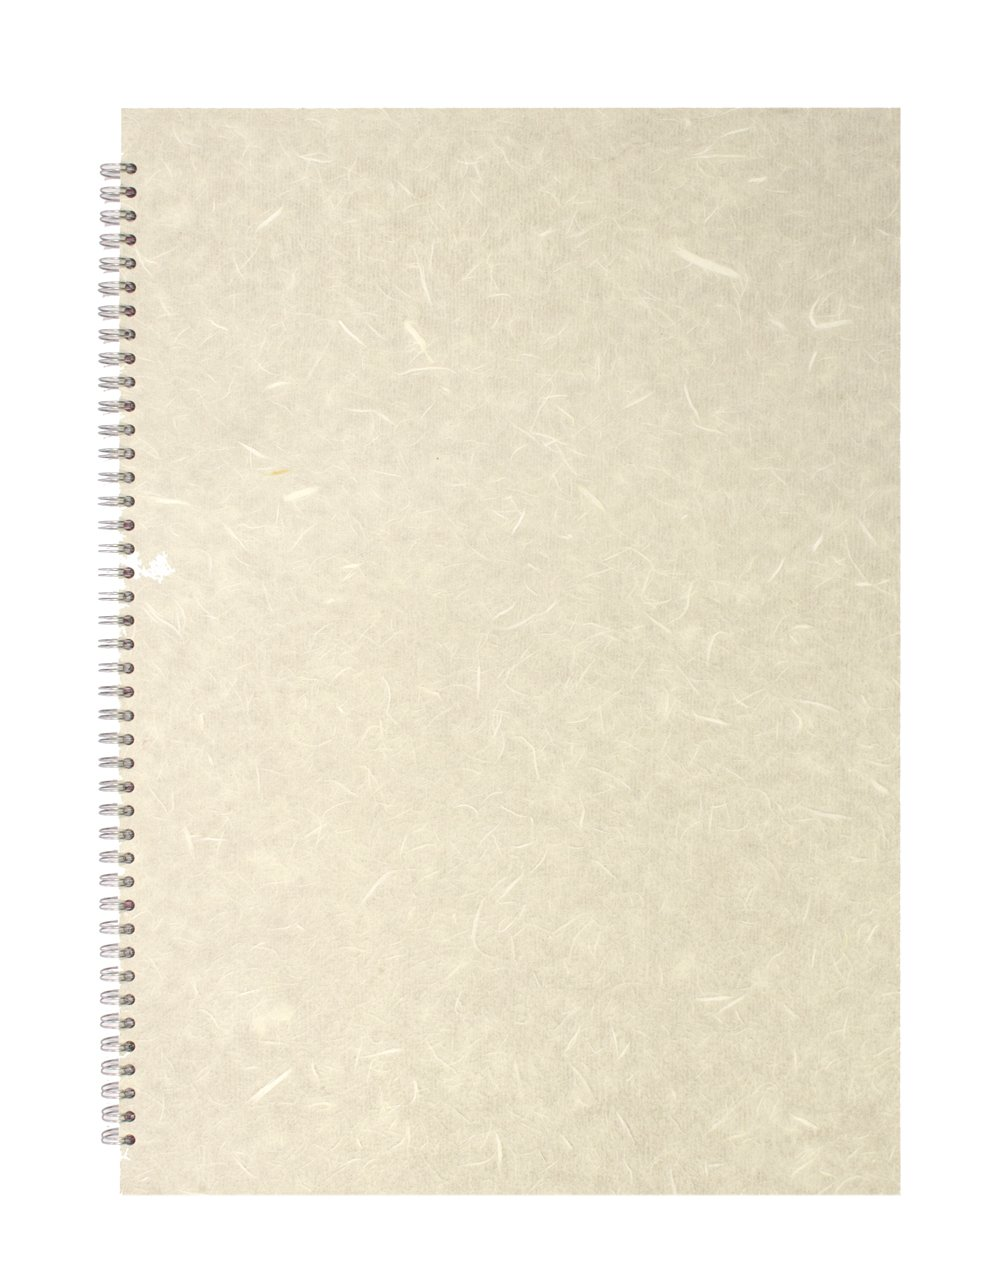 Pink Pig - Blocco di fogli per schizzi A3, carta bianca 150 g senza acidi, 70 pagine (35 fogli), copertina rossa Pink Pig International 74315